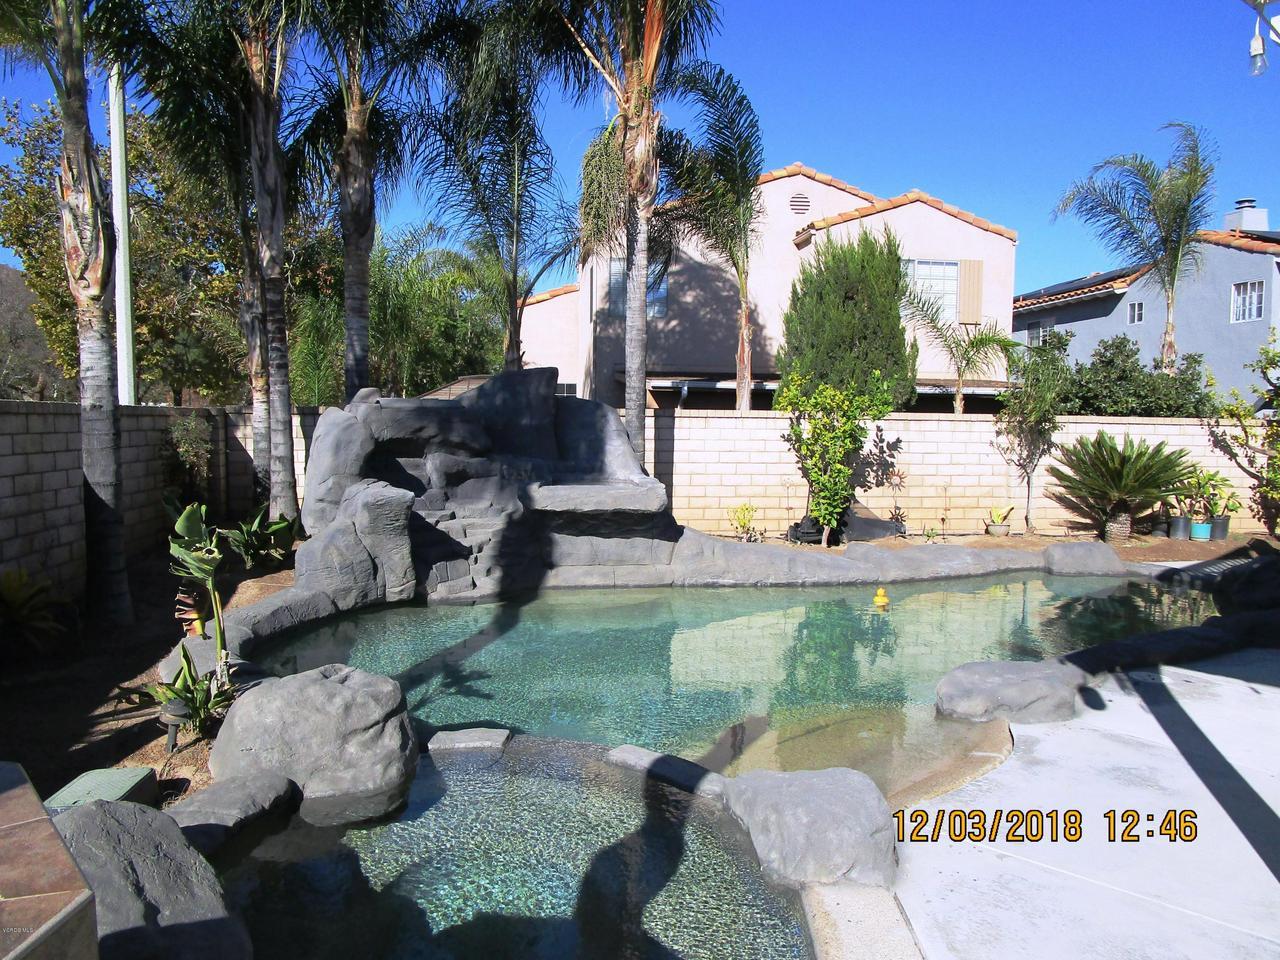 1063 MEADOWLARK, Fillmore, CA 93015 - pool